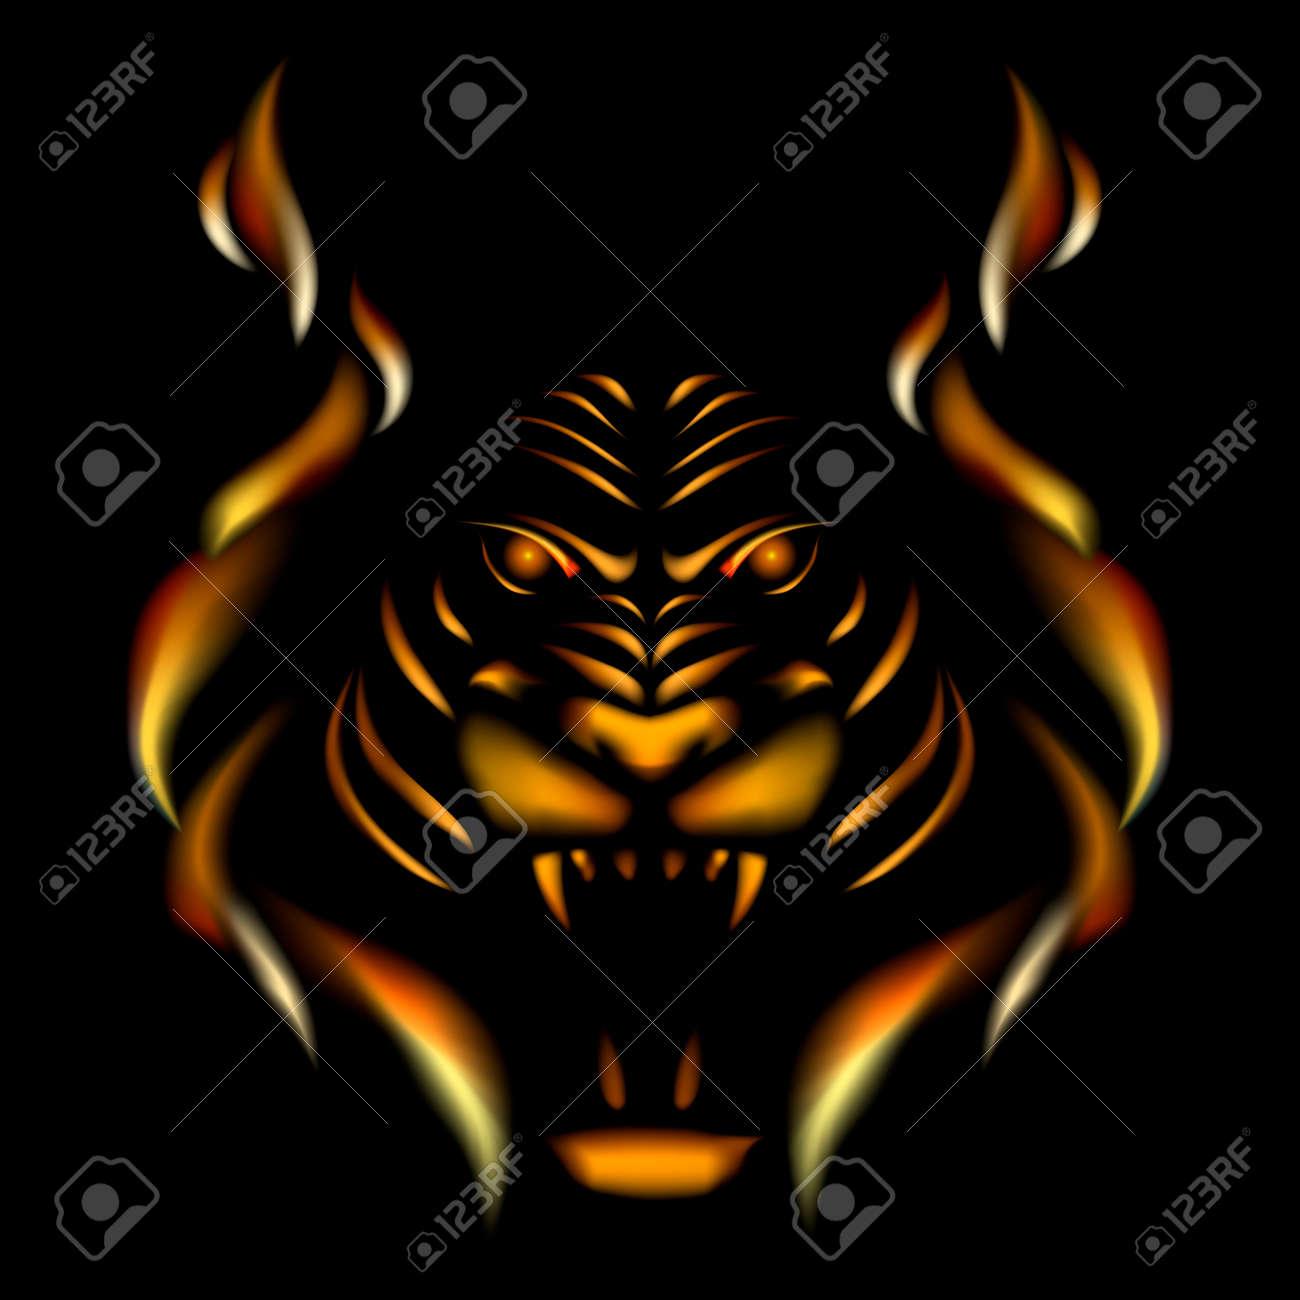 Tiger made of flame, vector illustation on black gackground. - 42160339